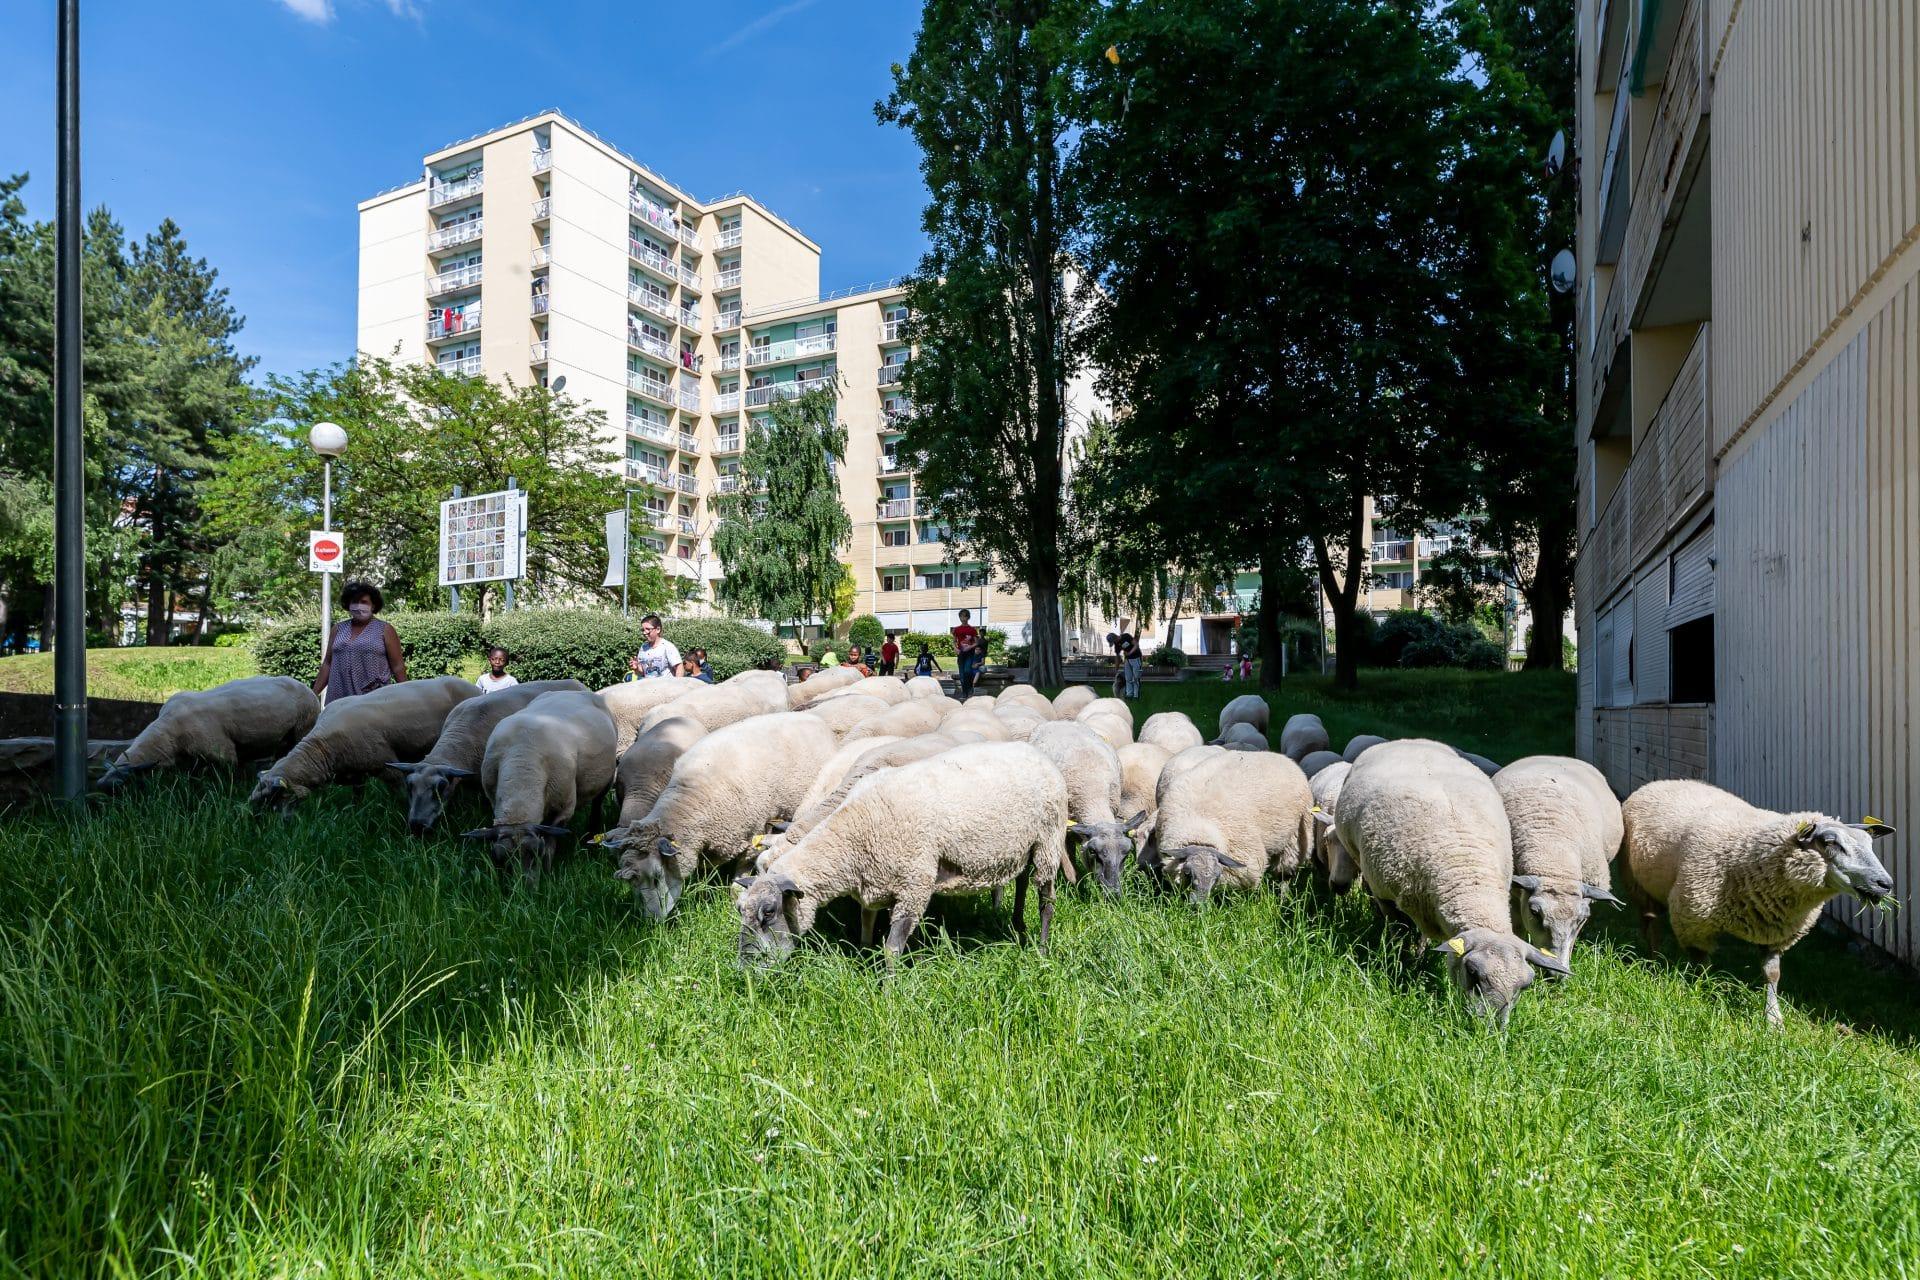 À Villiers-le-Bel (95), des moutons dans le quartier